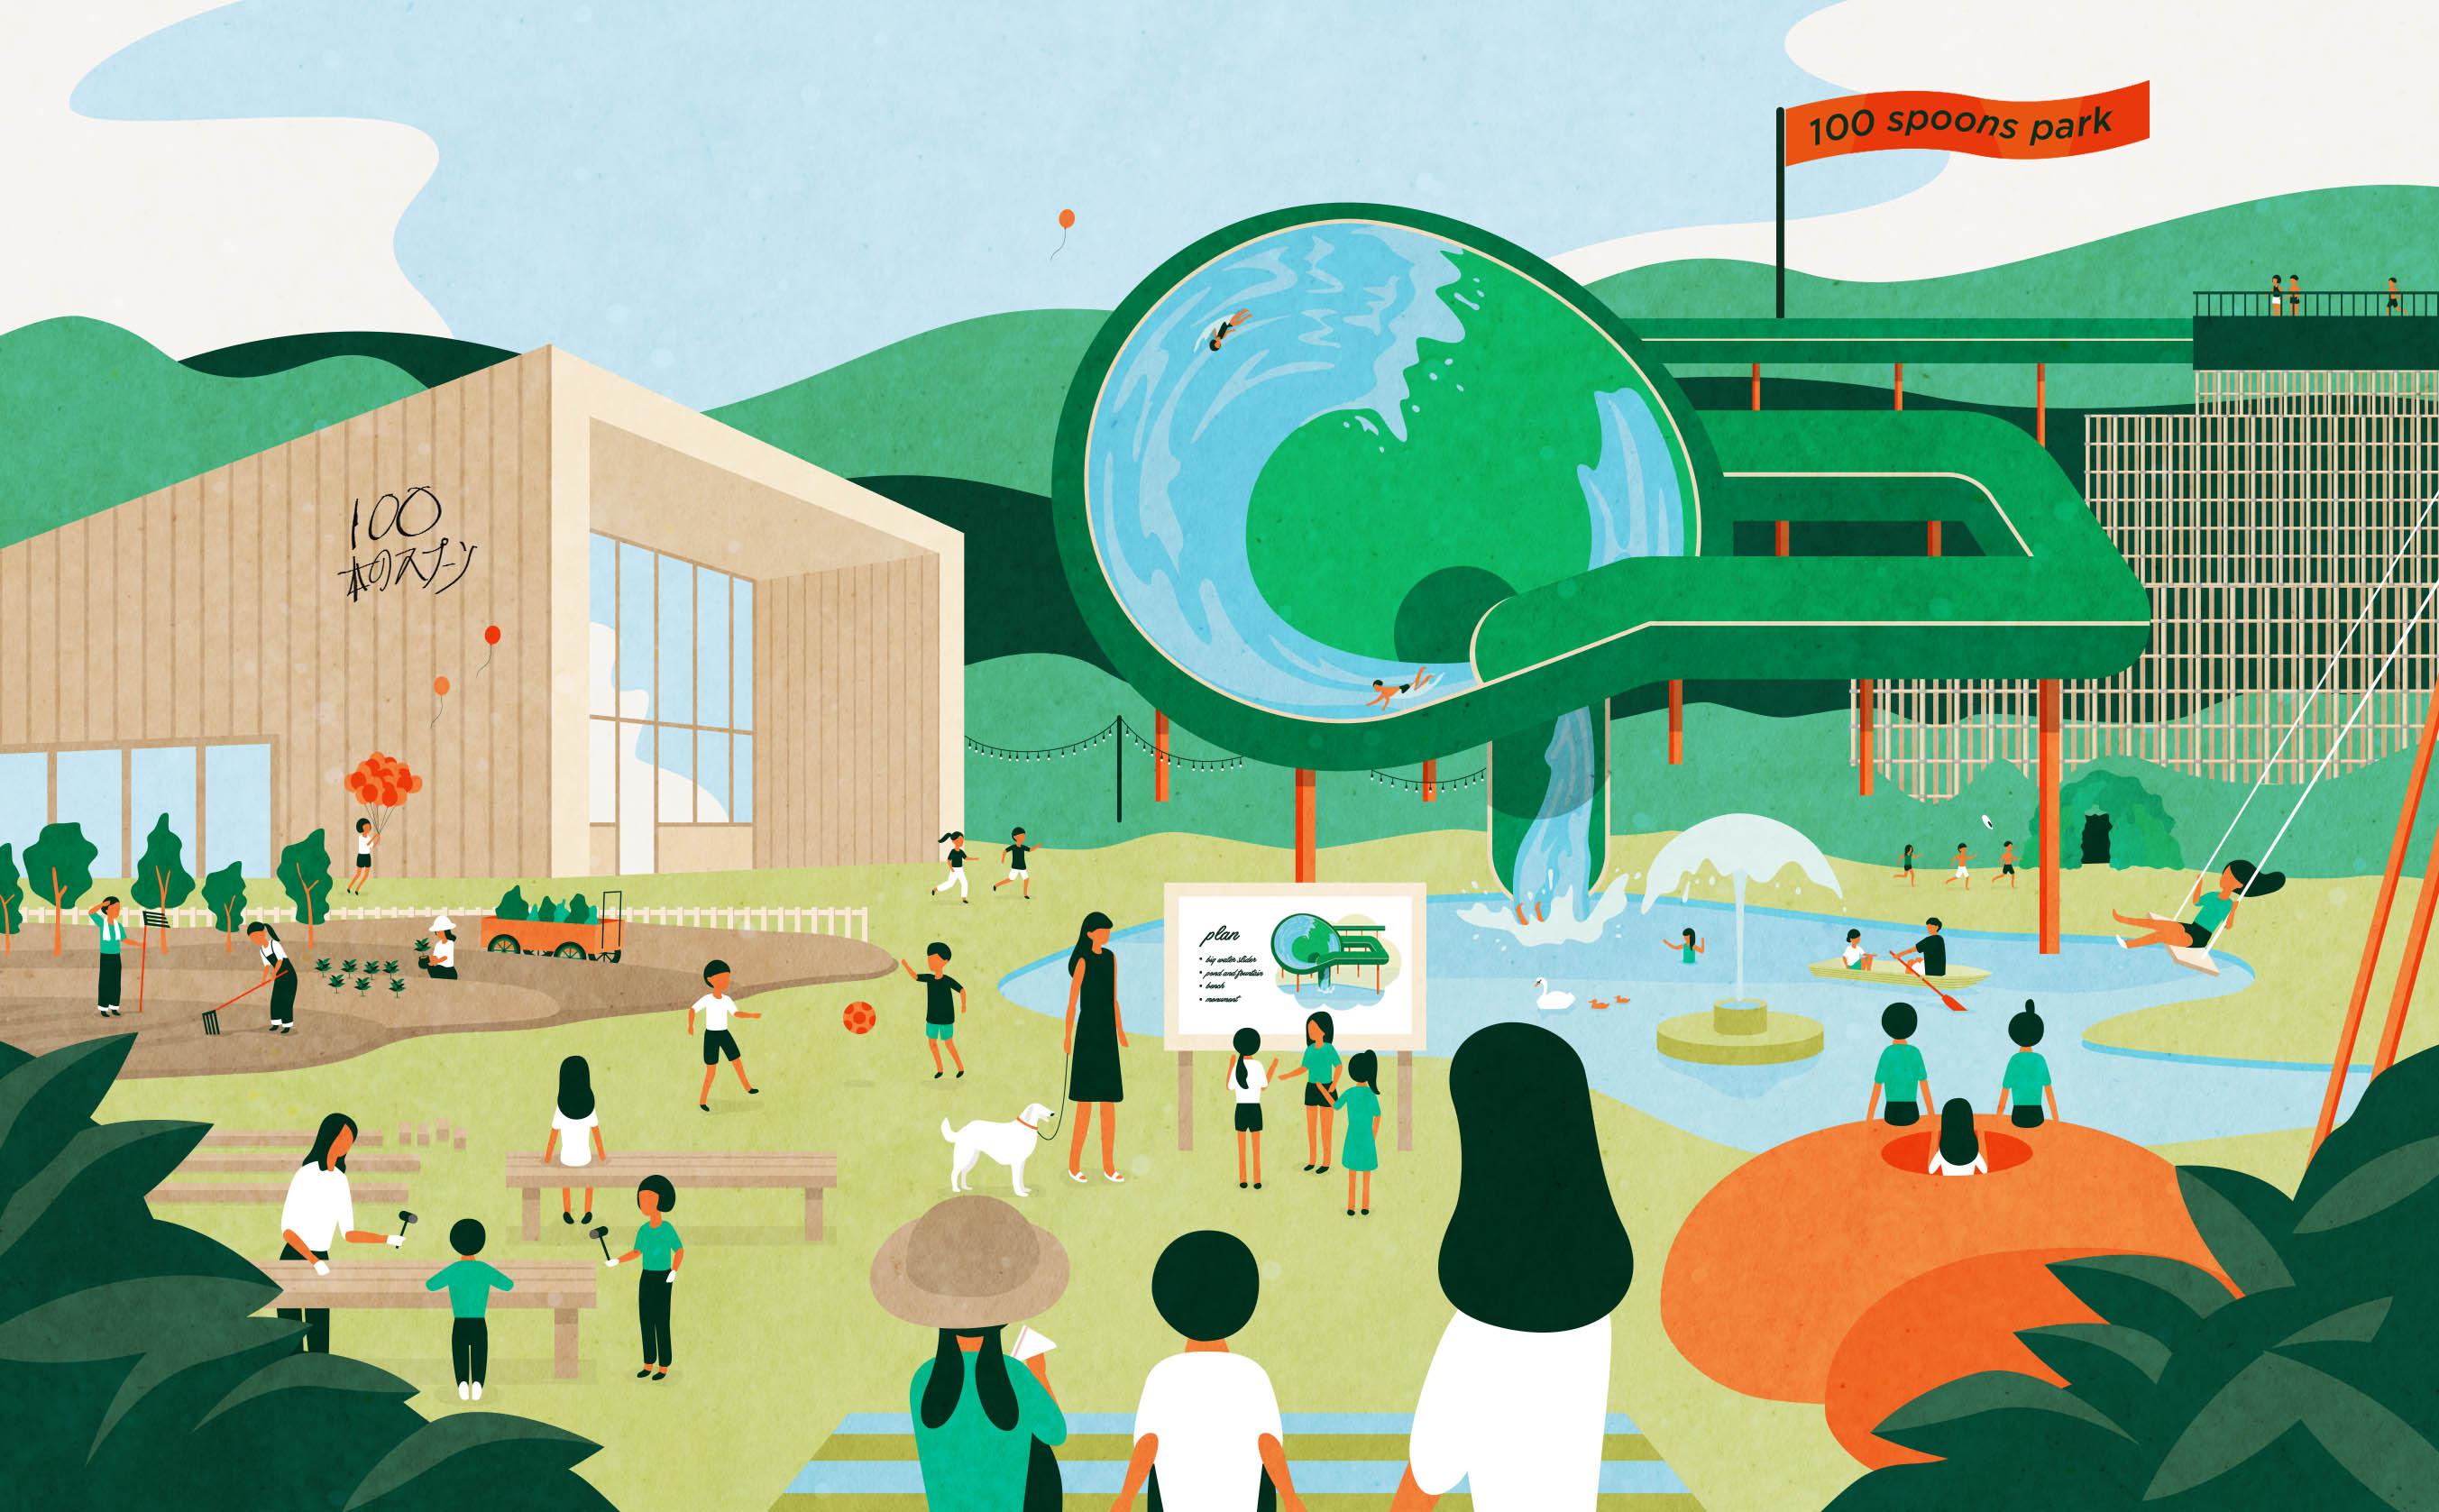 100本のスプーン「コドモたちとみんなでつくる公園プロジェクト」のキャンペーンビジュアル